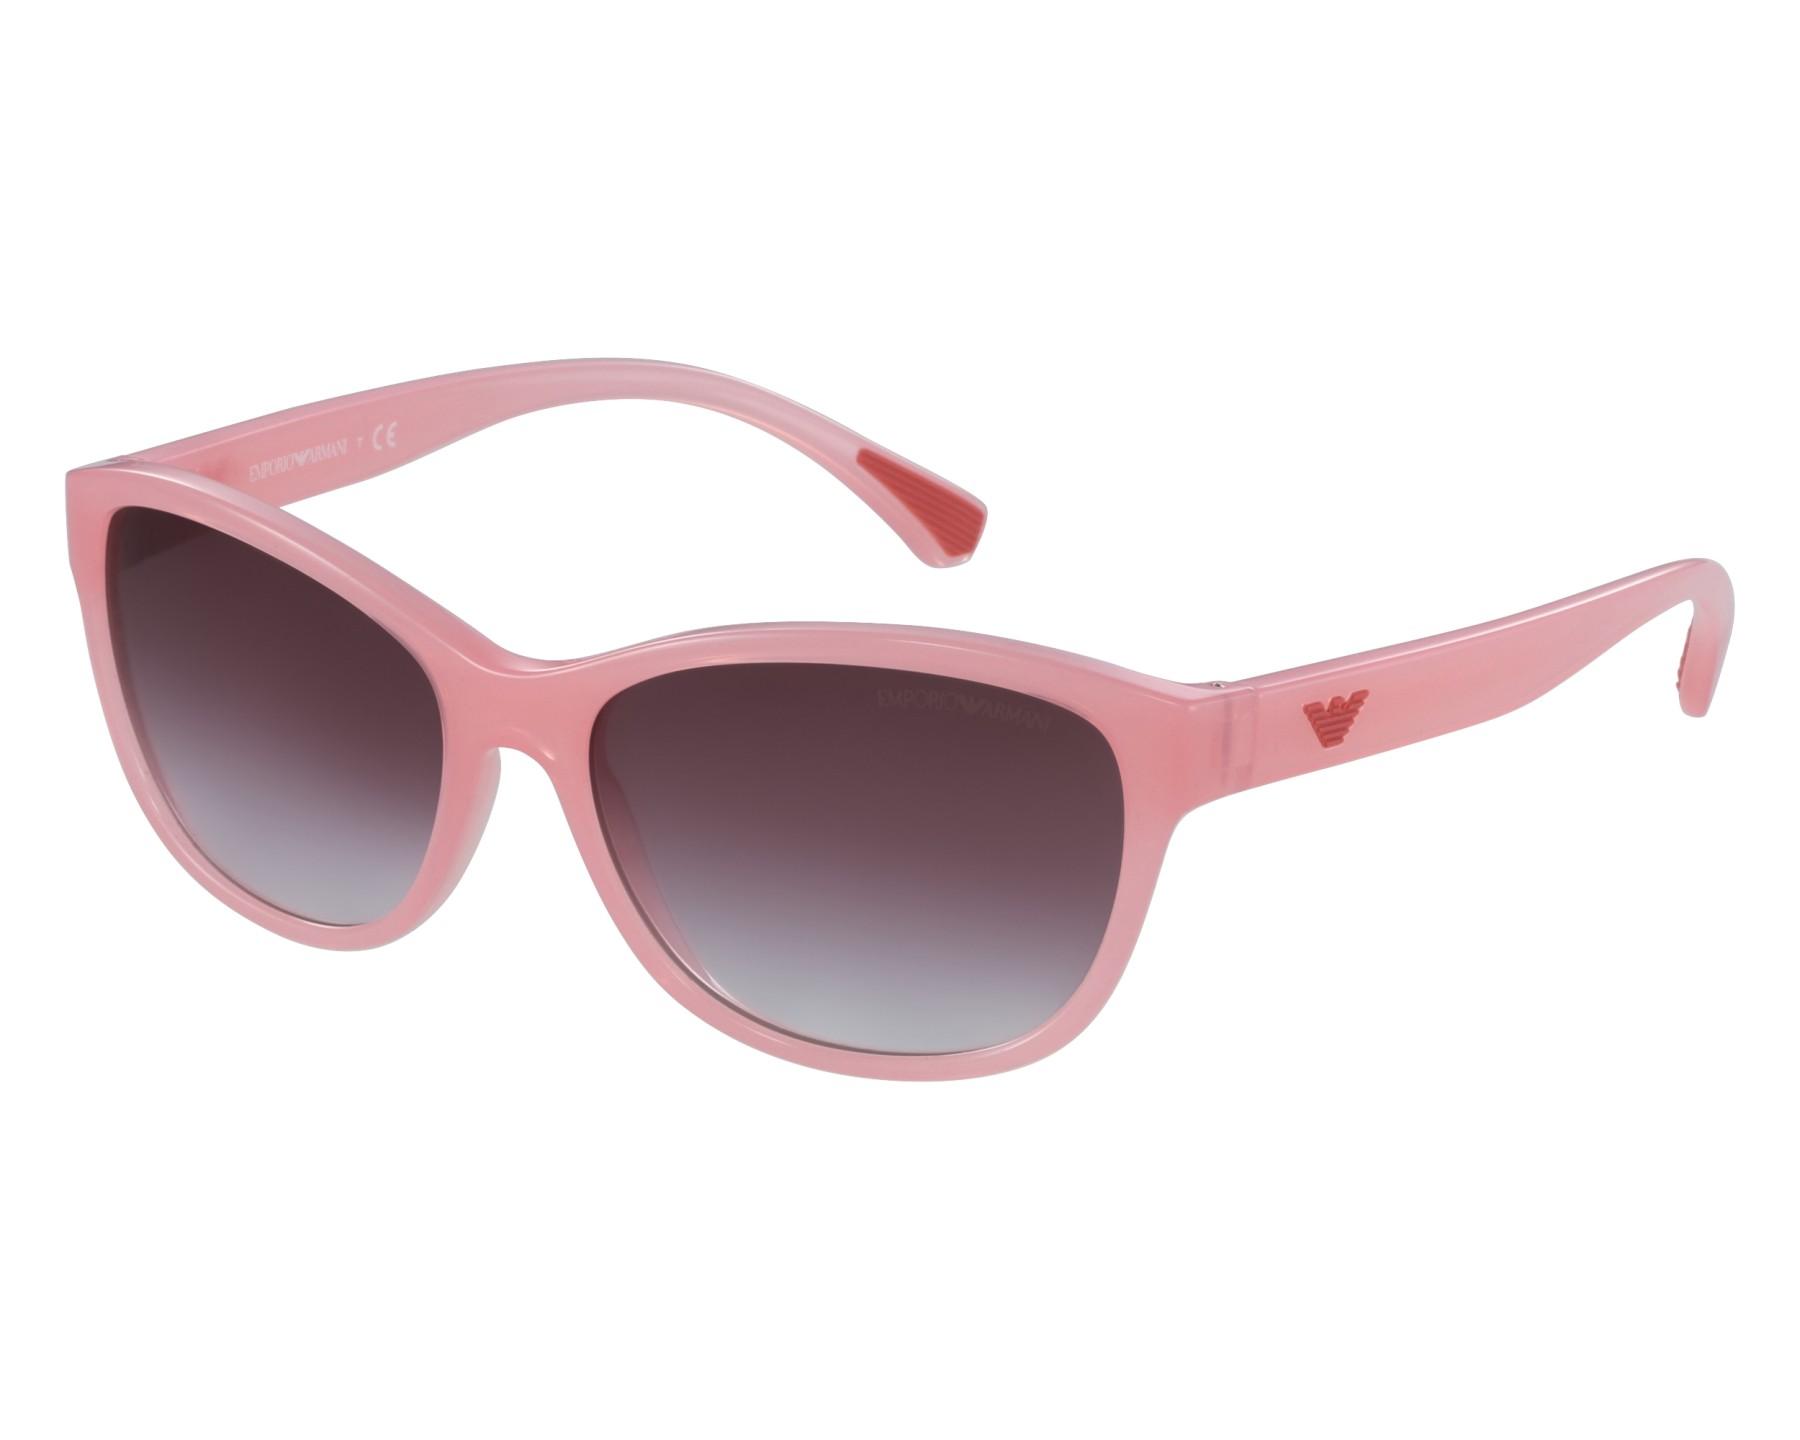 7e1e128b6eec Sunglasses Emporio Armani EA-4080 55078H 57-16 Pink front view